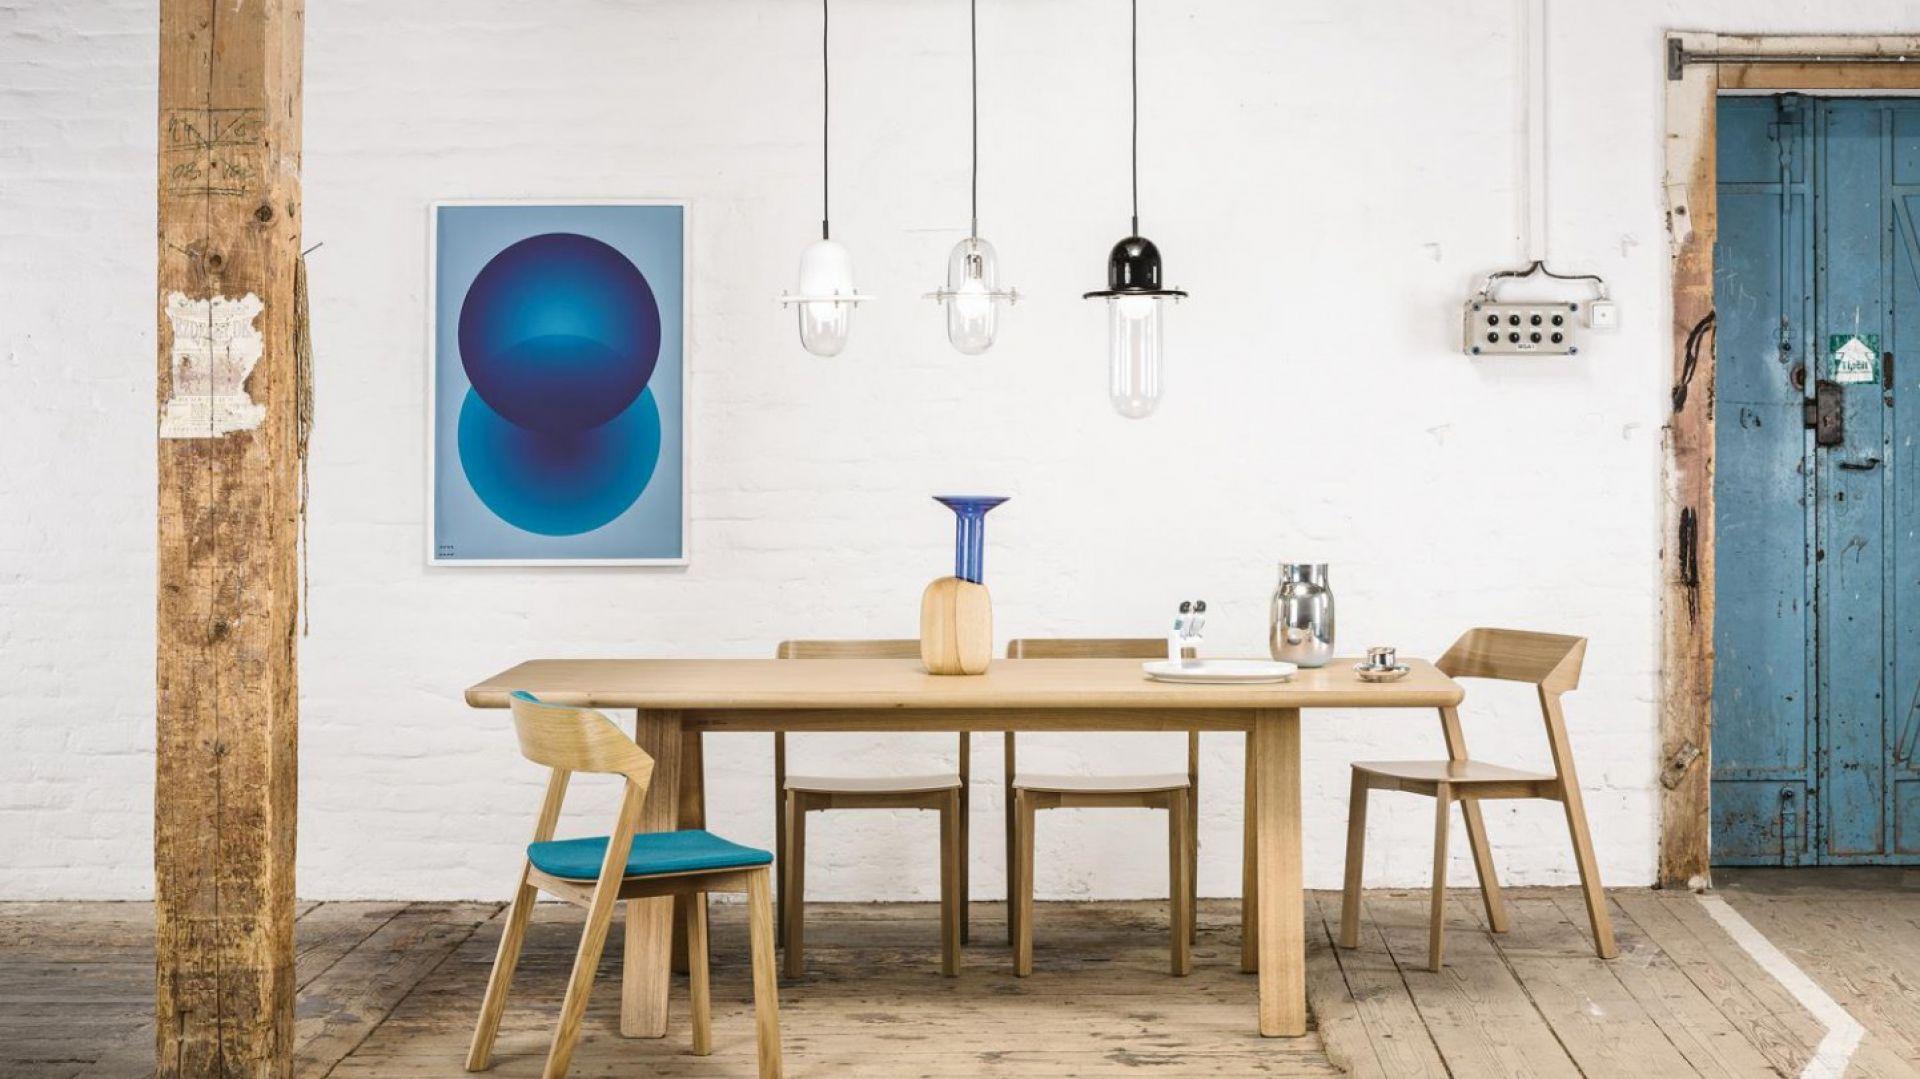 Krzesła z kolekcji Merano. Fot. Ton